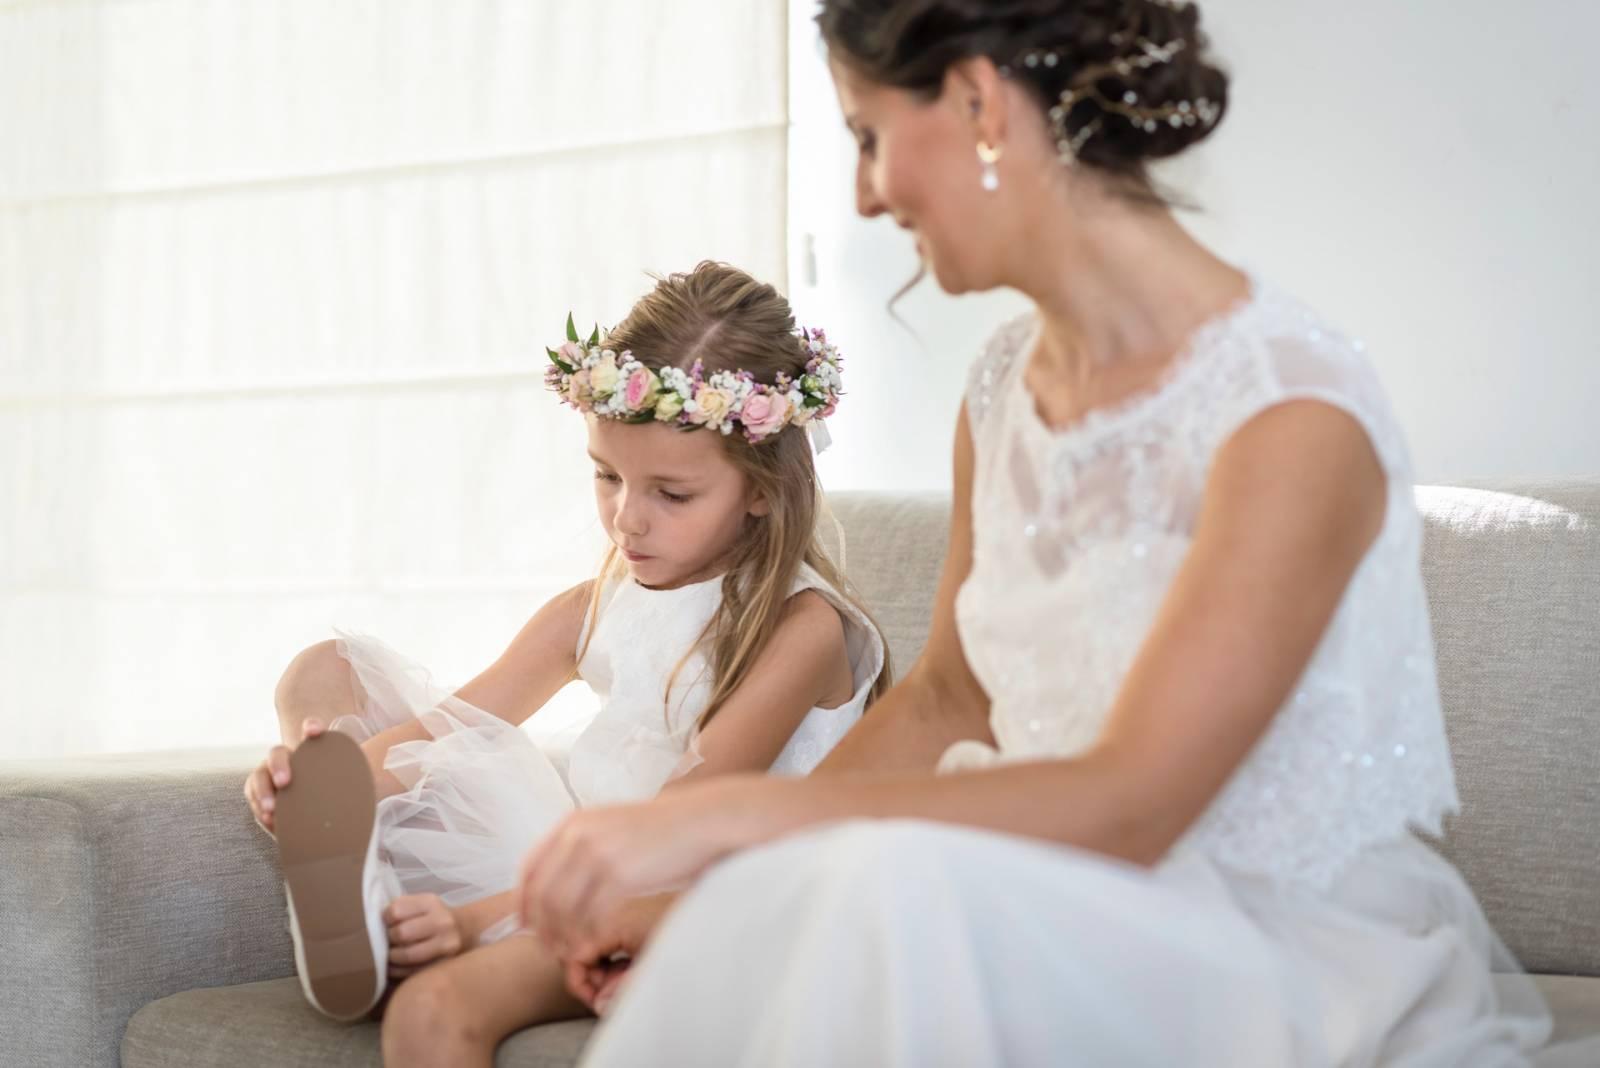 Annick Van Wesemael - Bloemen - Bruidsboeket - Tom Talloen - House of Weddings - 1 2